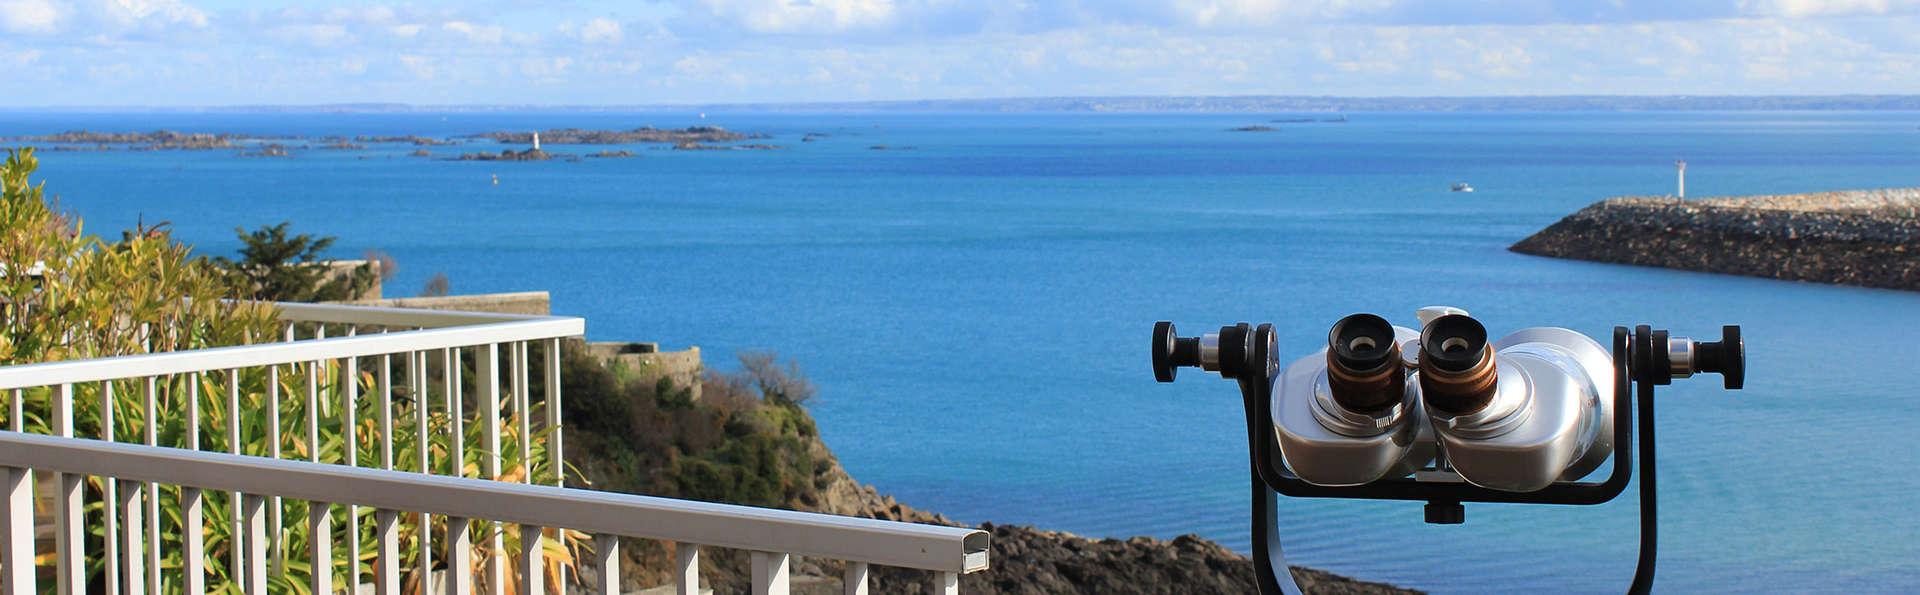 Escapada junto al mar en un hotel con vistas al mar entre Saint-Brieuc y Perros-Guirec